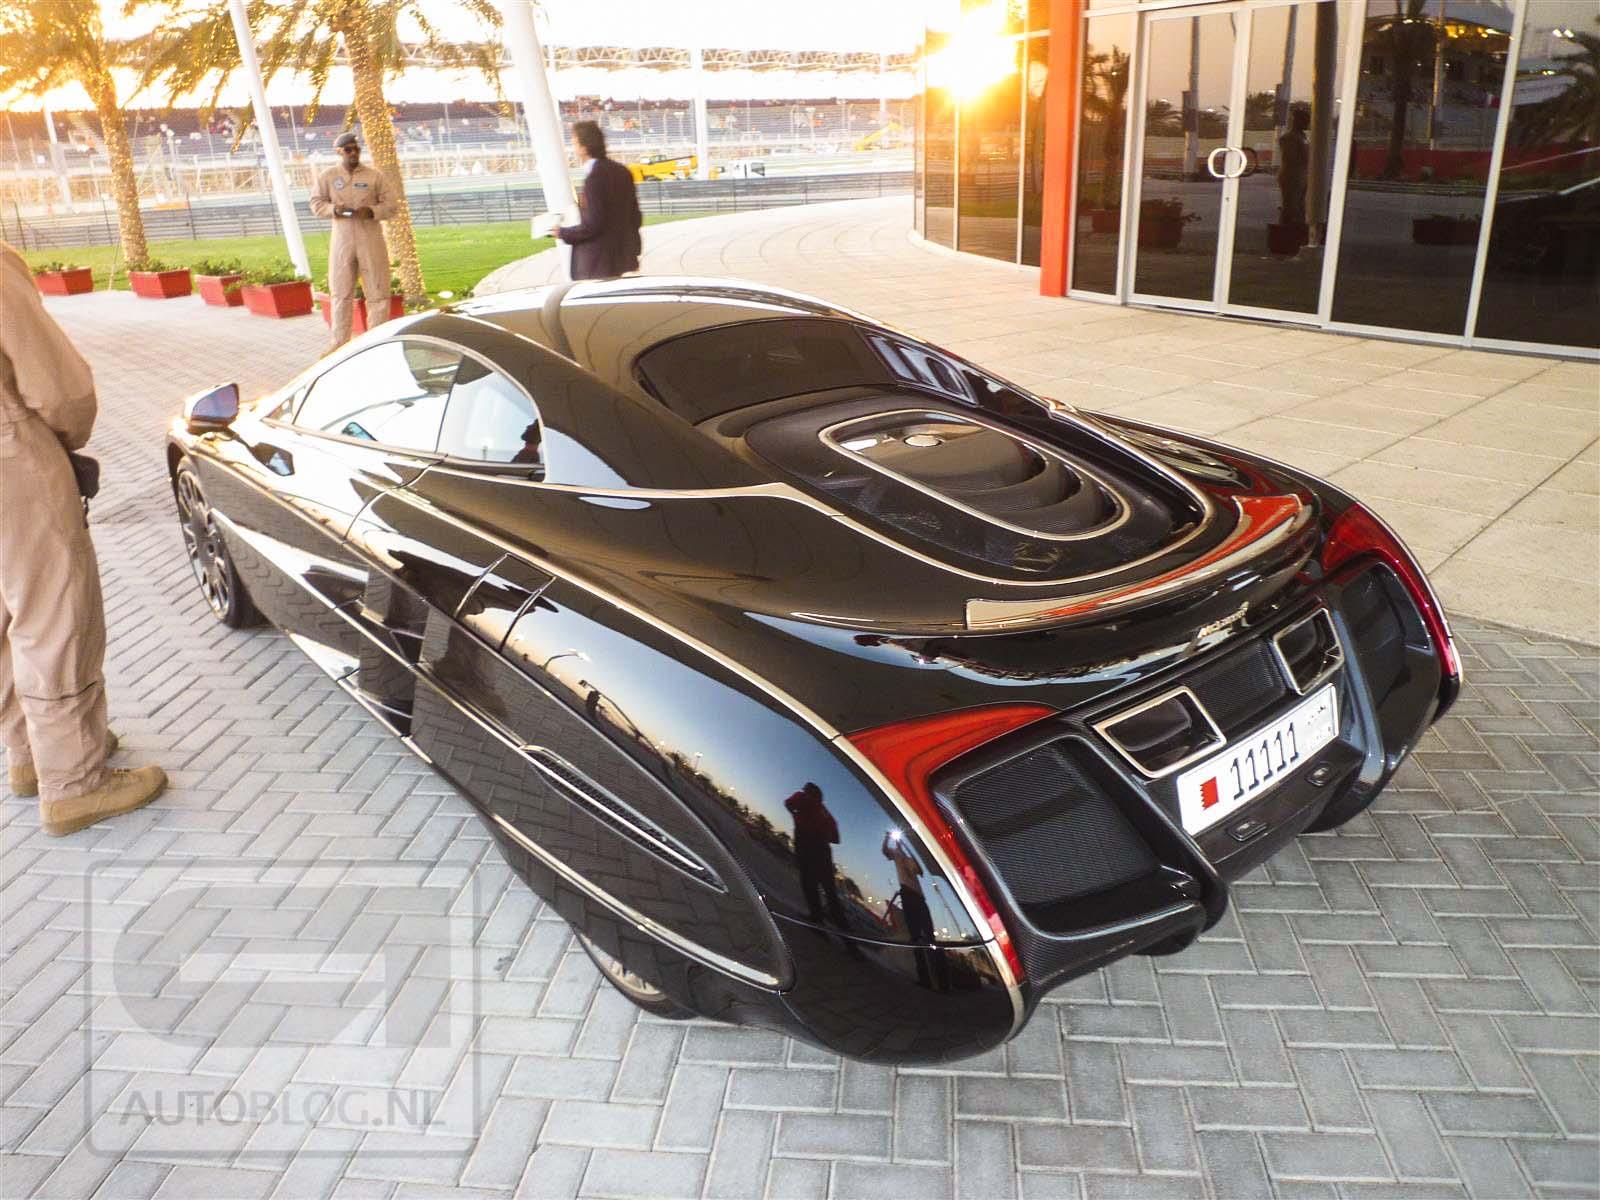 McLaren-X-1-Bahrein-1140593.jpg